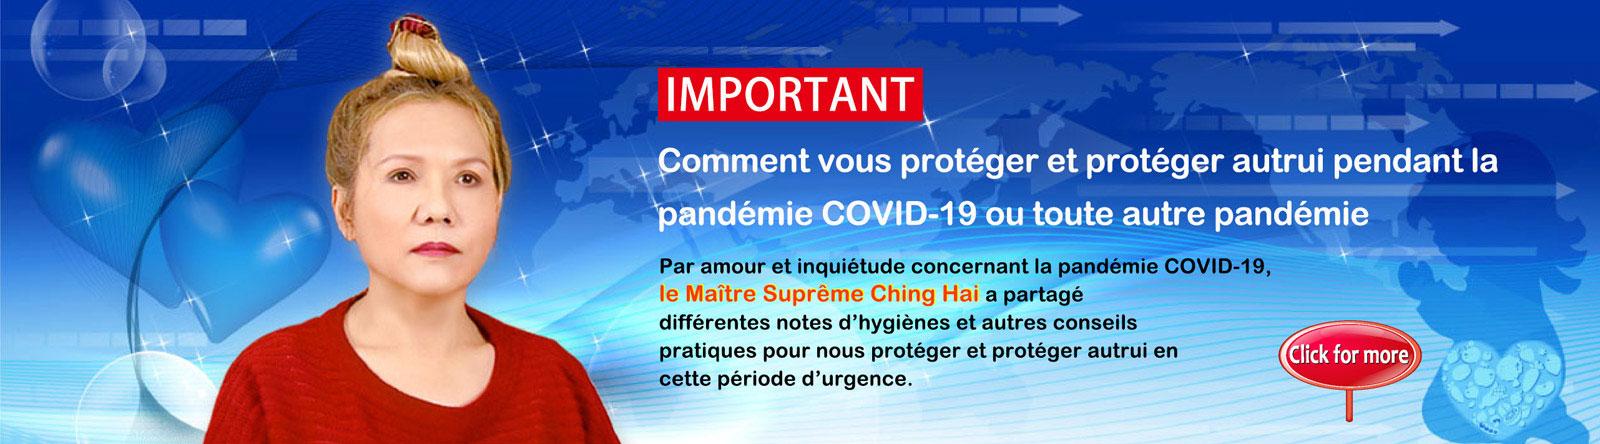 Comment vous protéger et protéger autrui pendant la pandémie COVID-19 ou toute autre pandémie